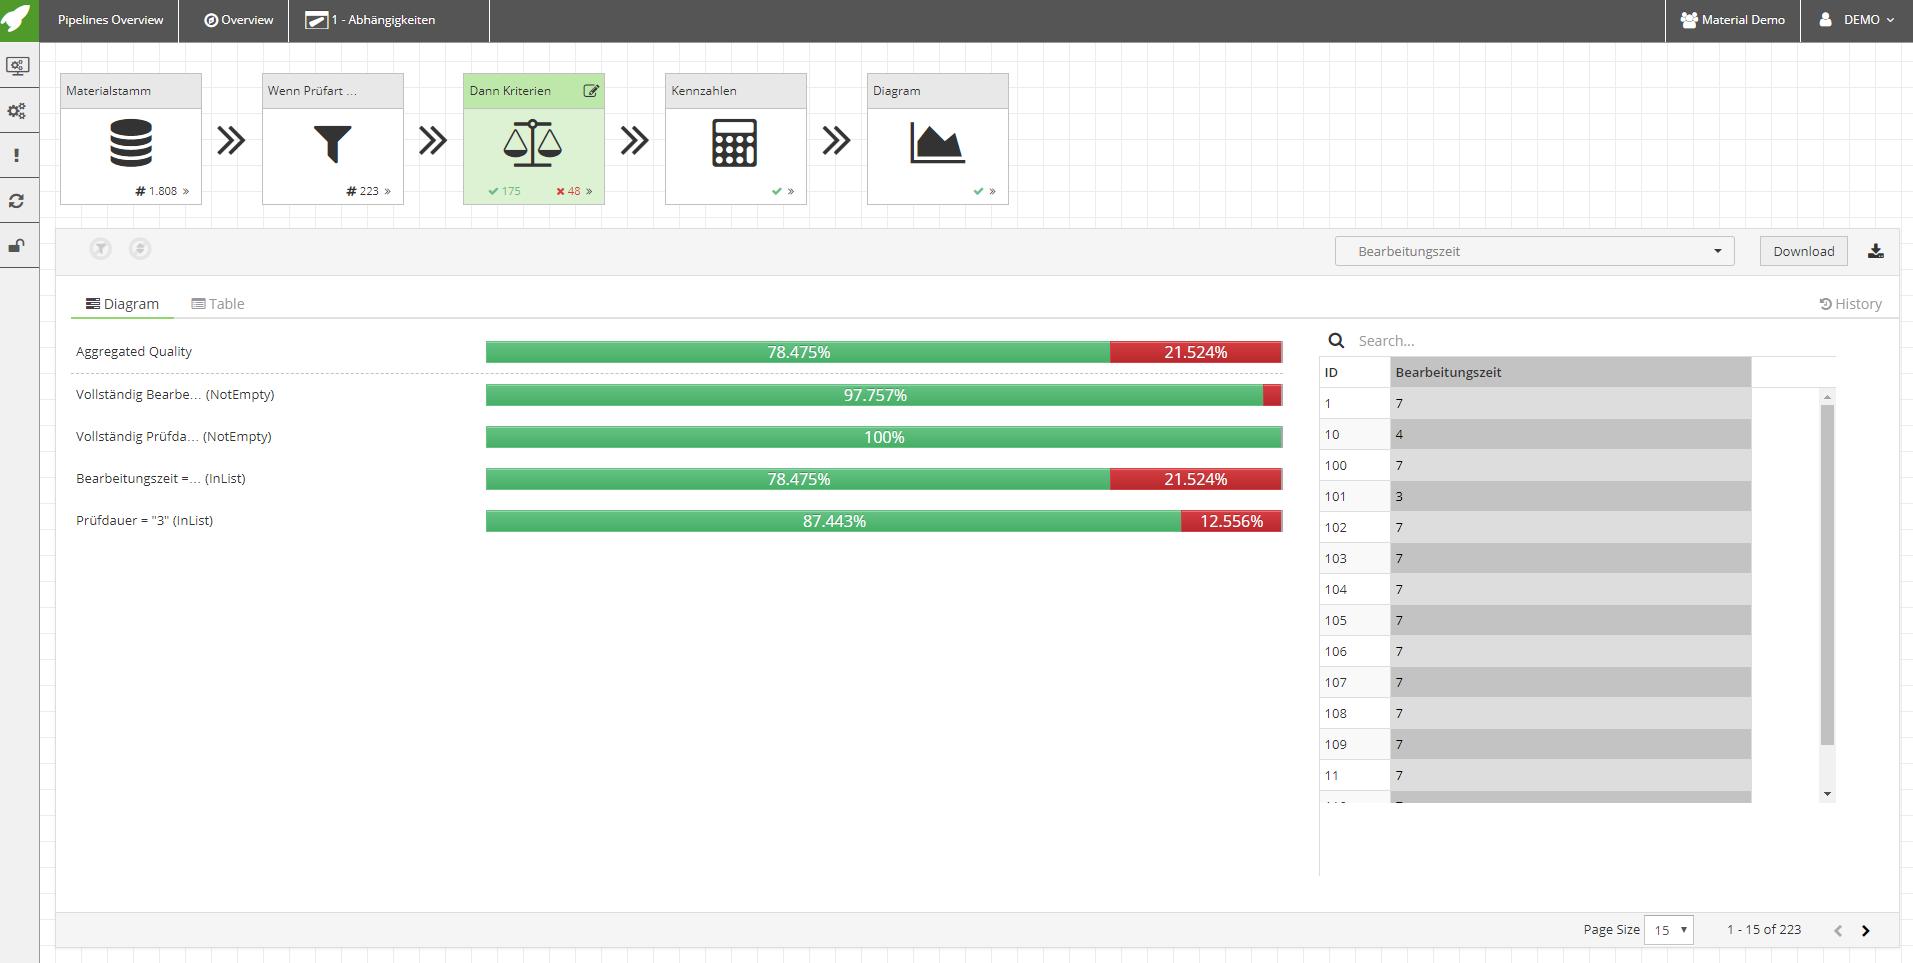 Effiziente Datenmigration zu SAP S/4 HANA: Oberfläche Stammdatenmanagement Software, Darstellung von Datenqualität